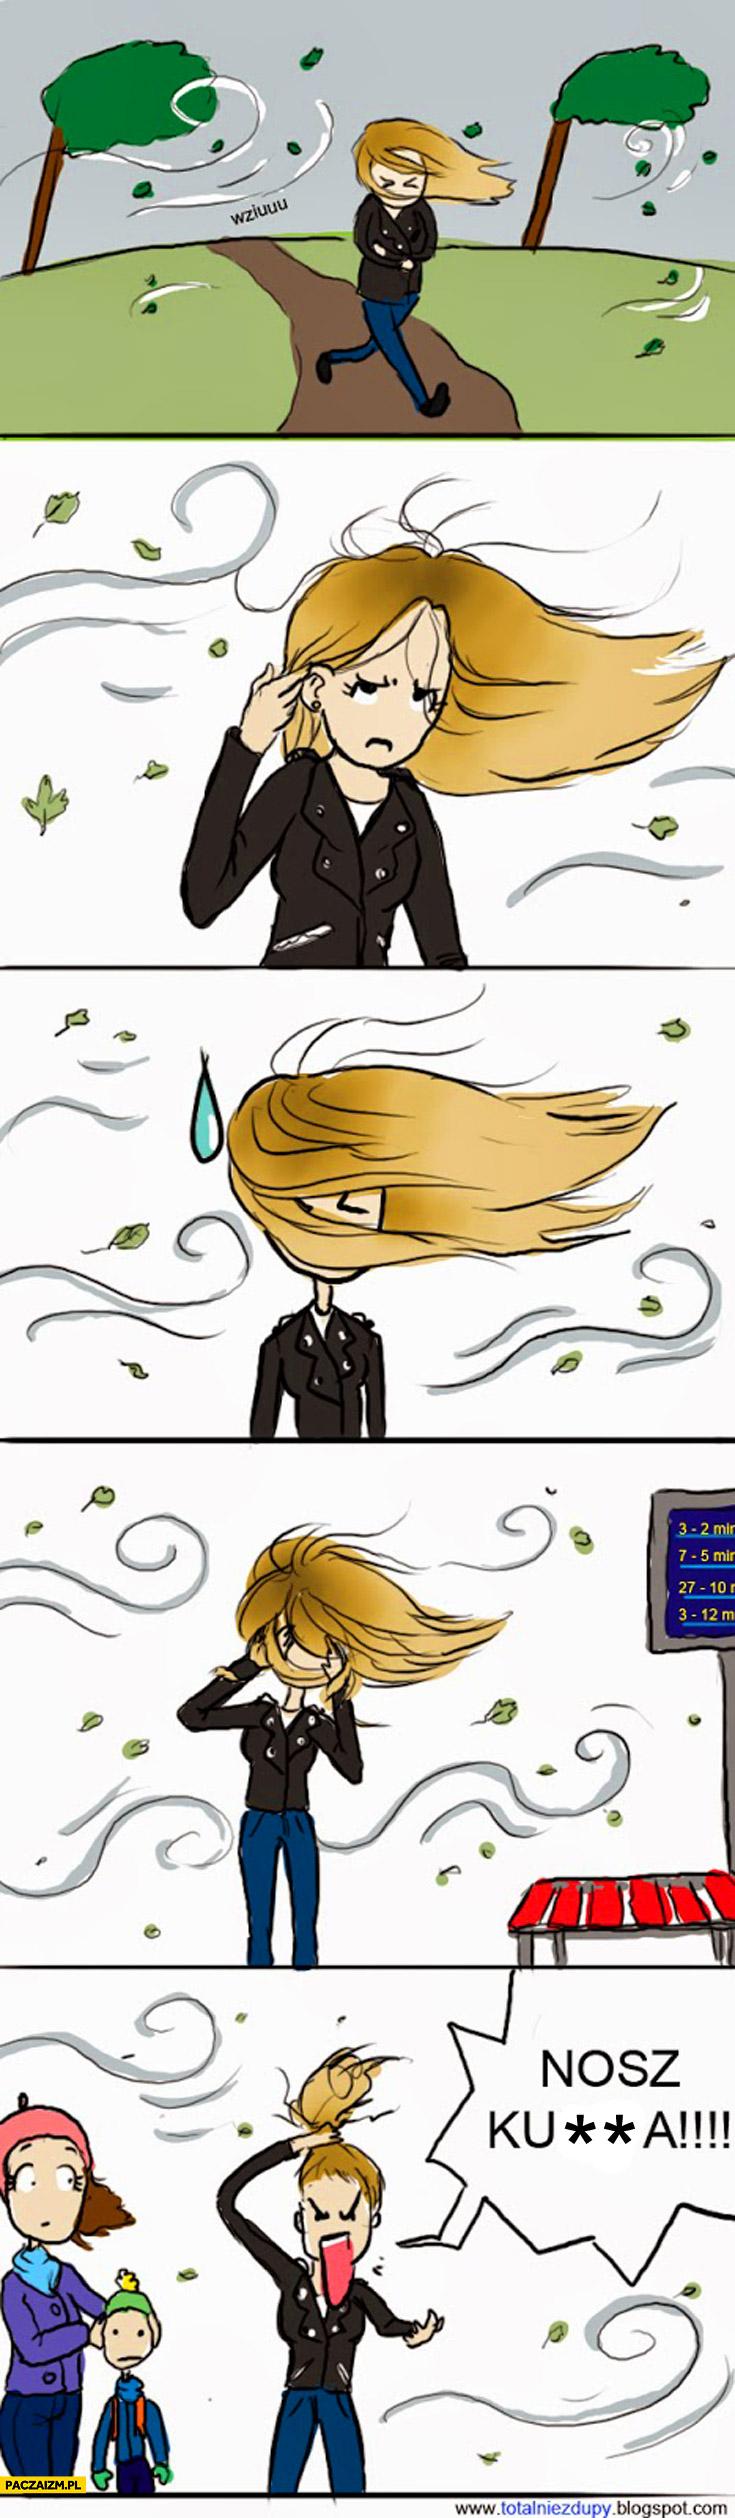 Wiatr kiedy się ma długie włosy